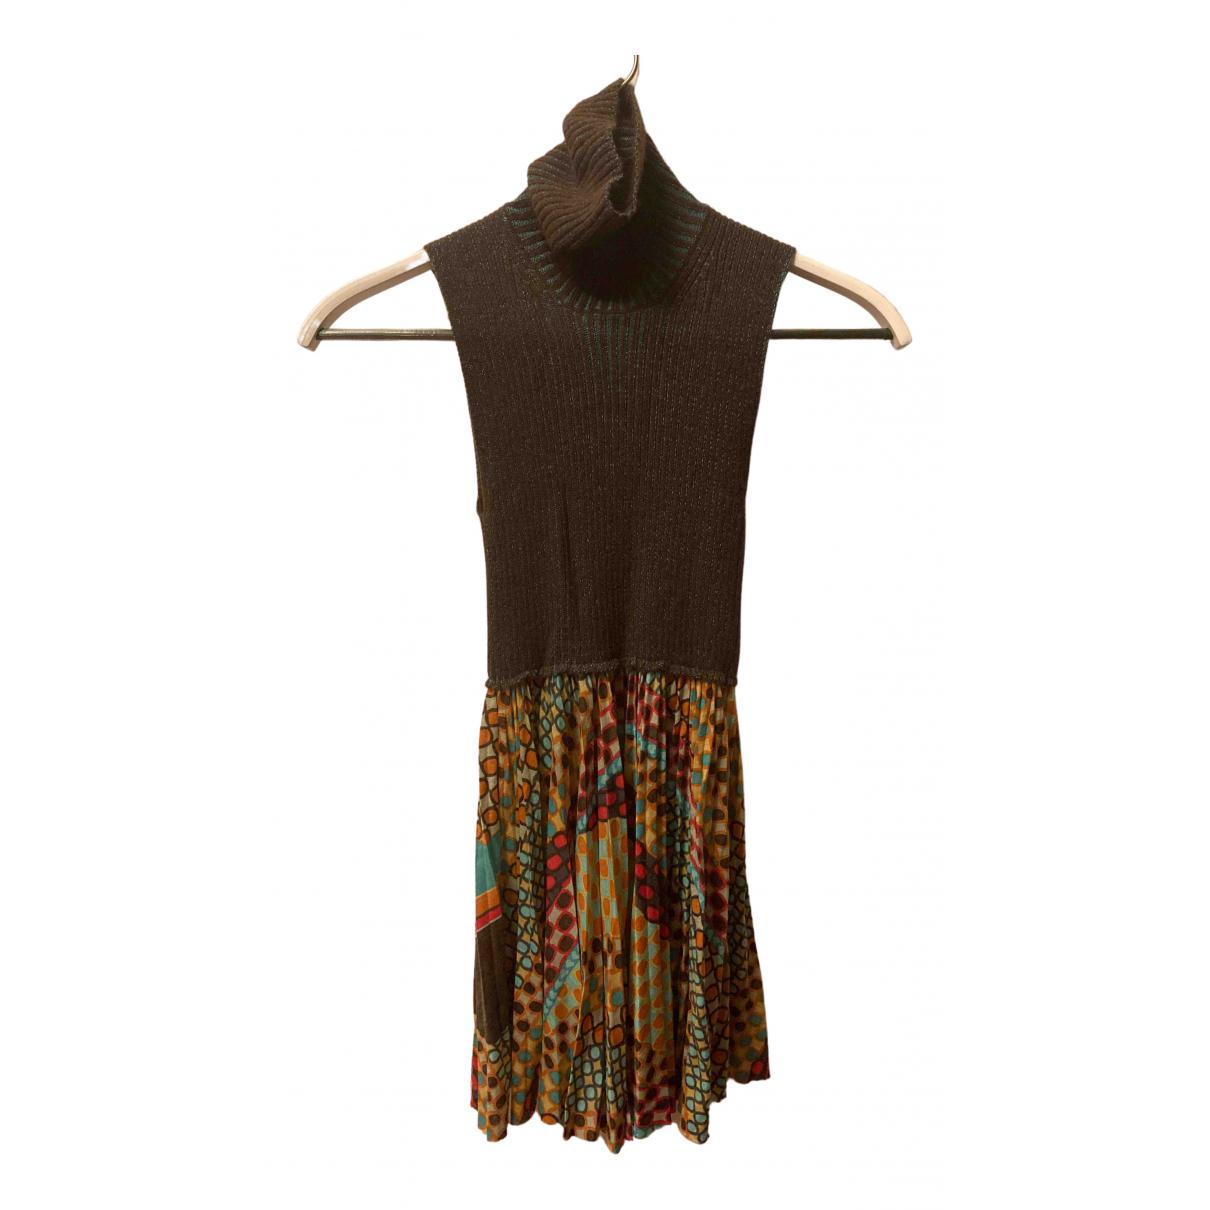 M Missoni - Top   pour femme en laine - marron